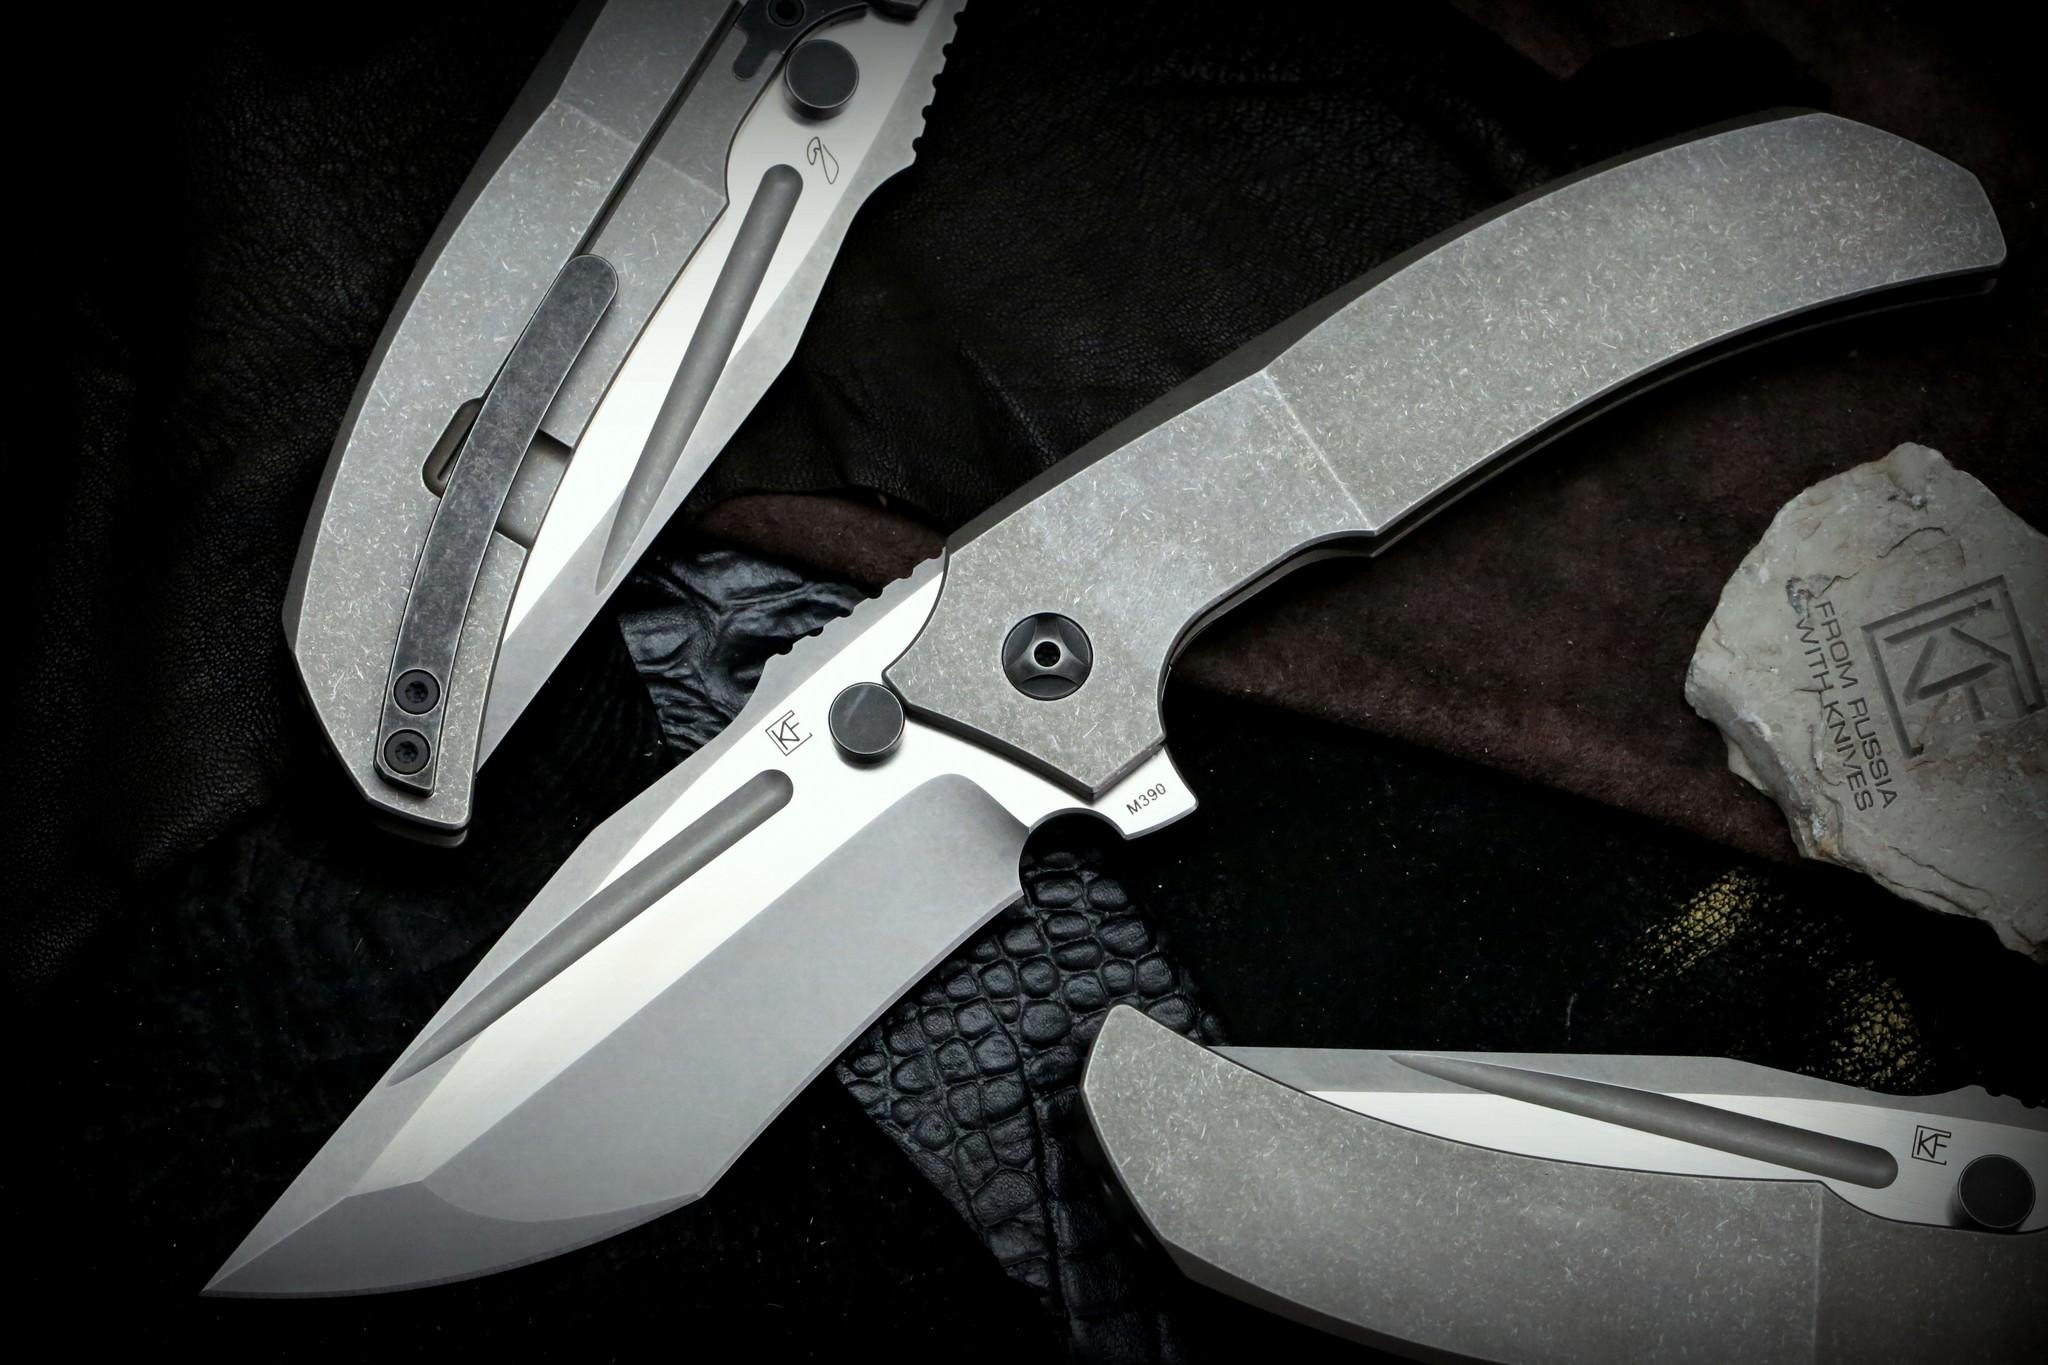 Складной нож CKF Satori, сталь M390, рукоять Titanium